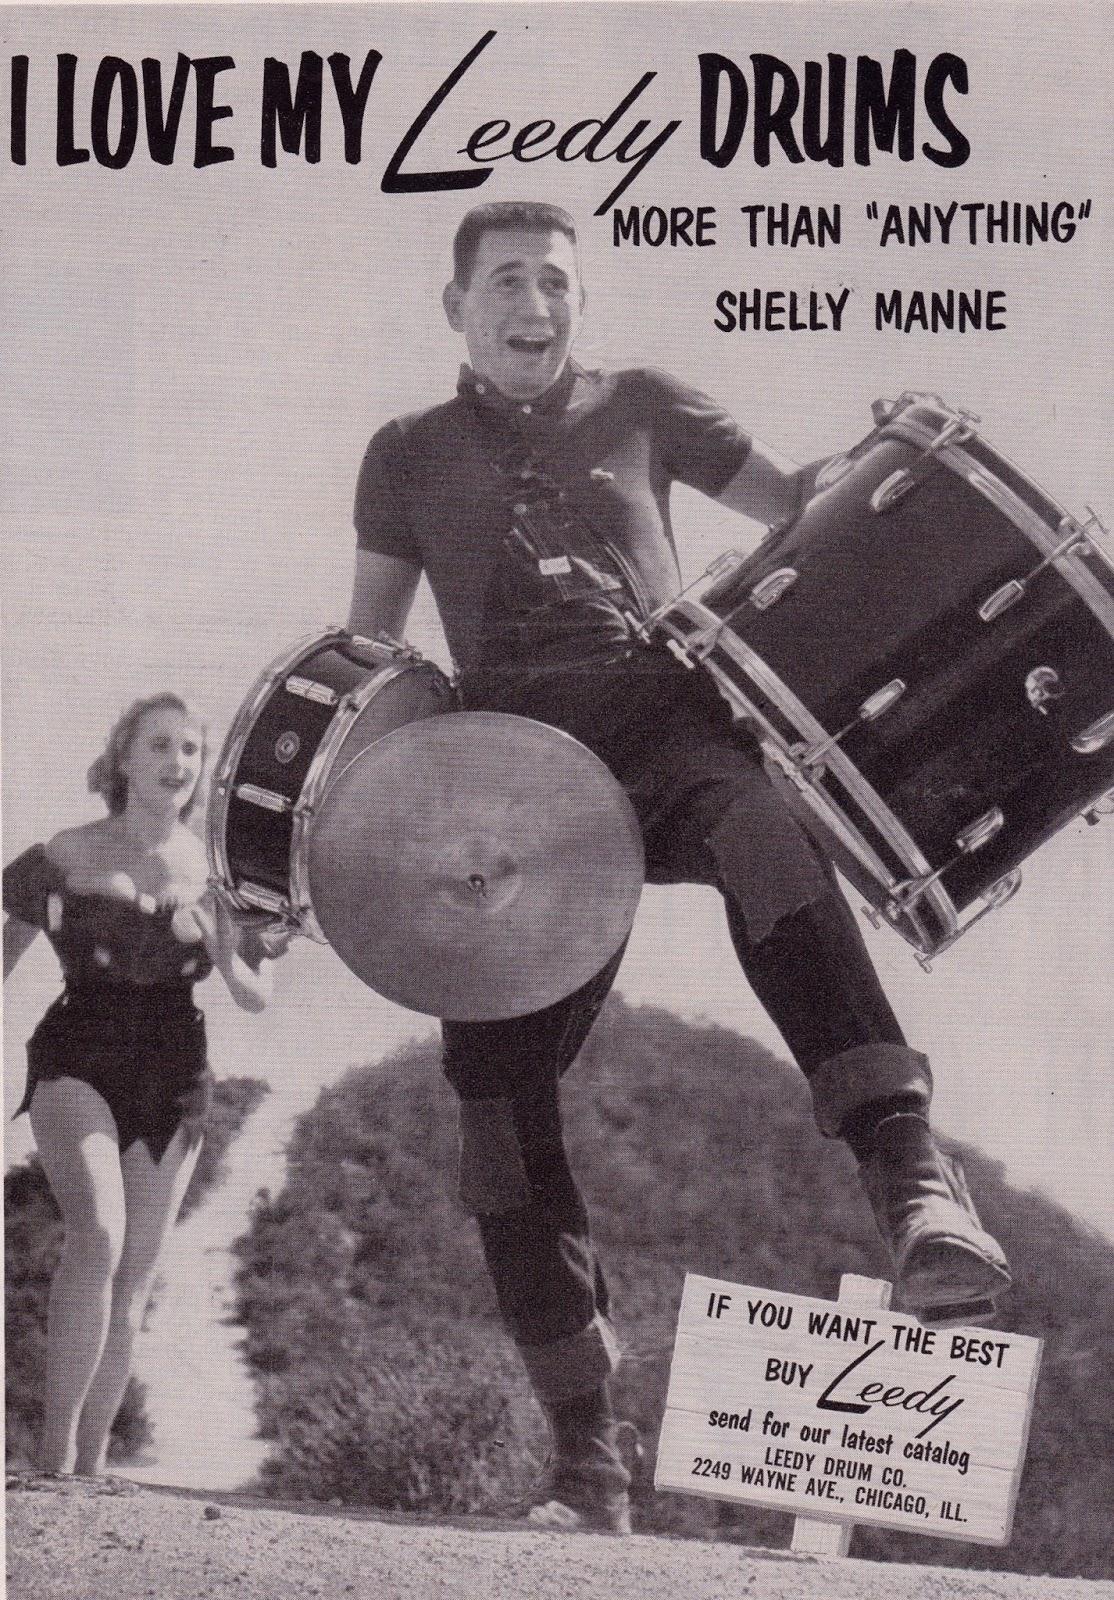 SHELLY AMUSING LEEDY AD 1958.jpg